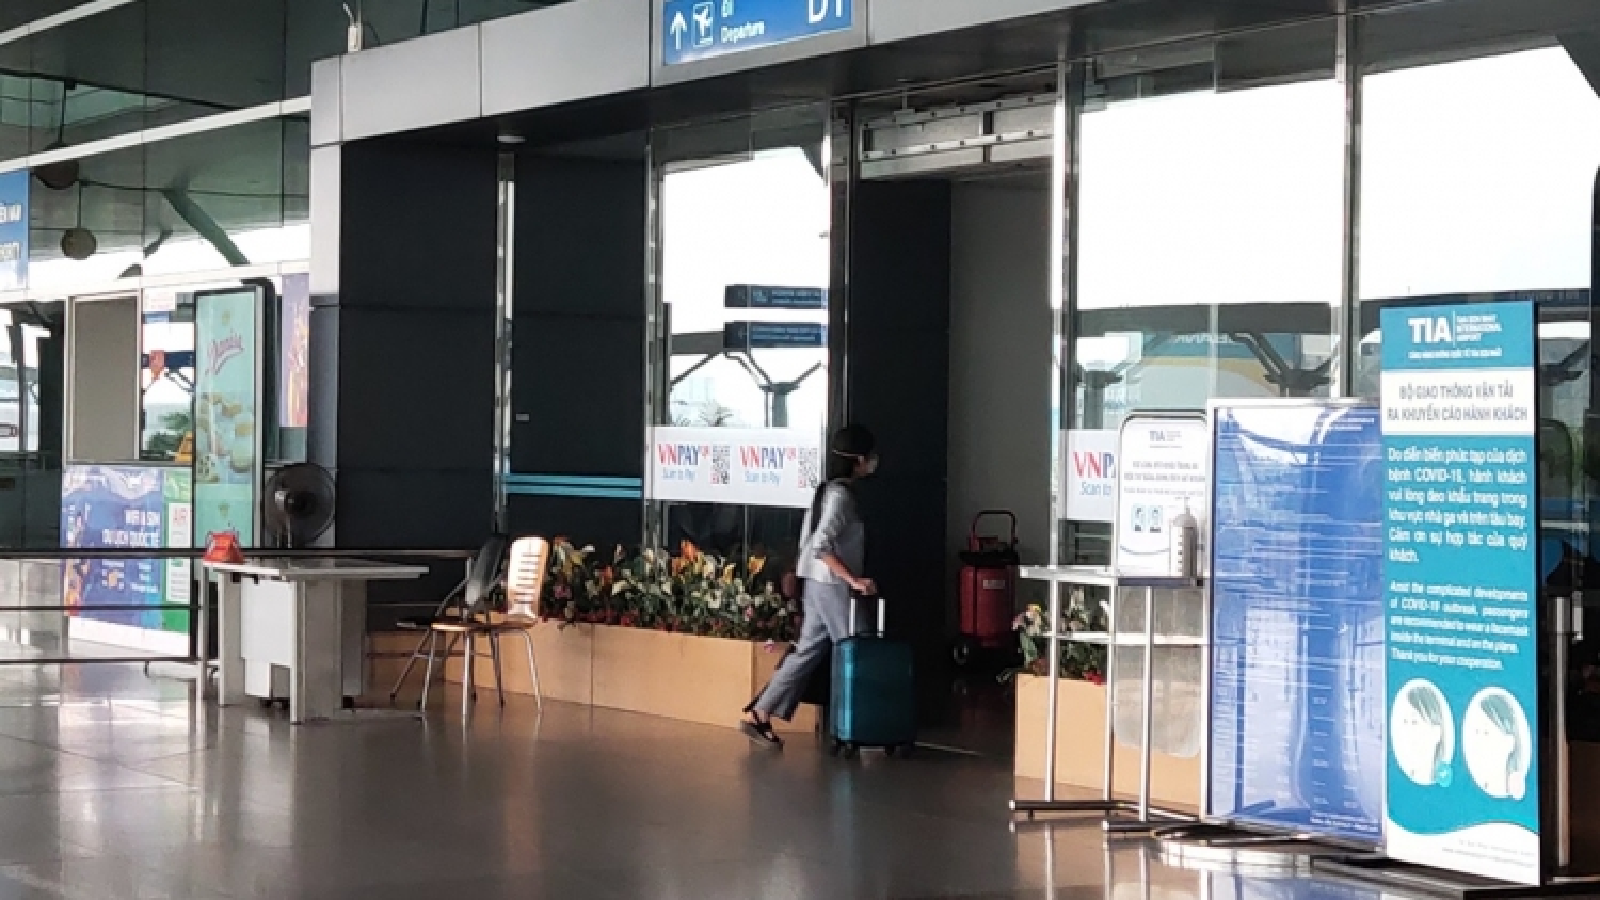 Ga quốc tế sân bay Tân Sơn Nhất vắng hoe khác thường so với mọi Tết trước